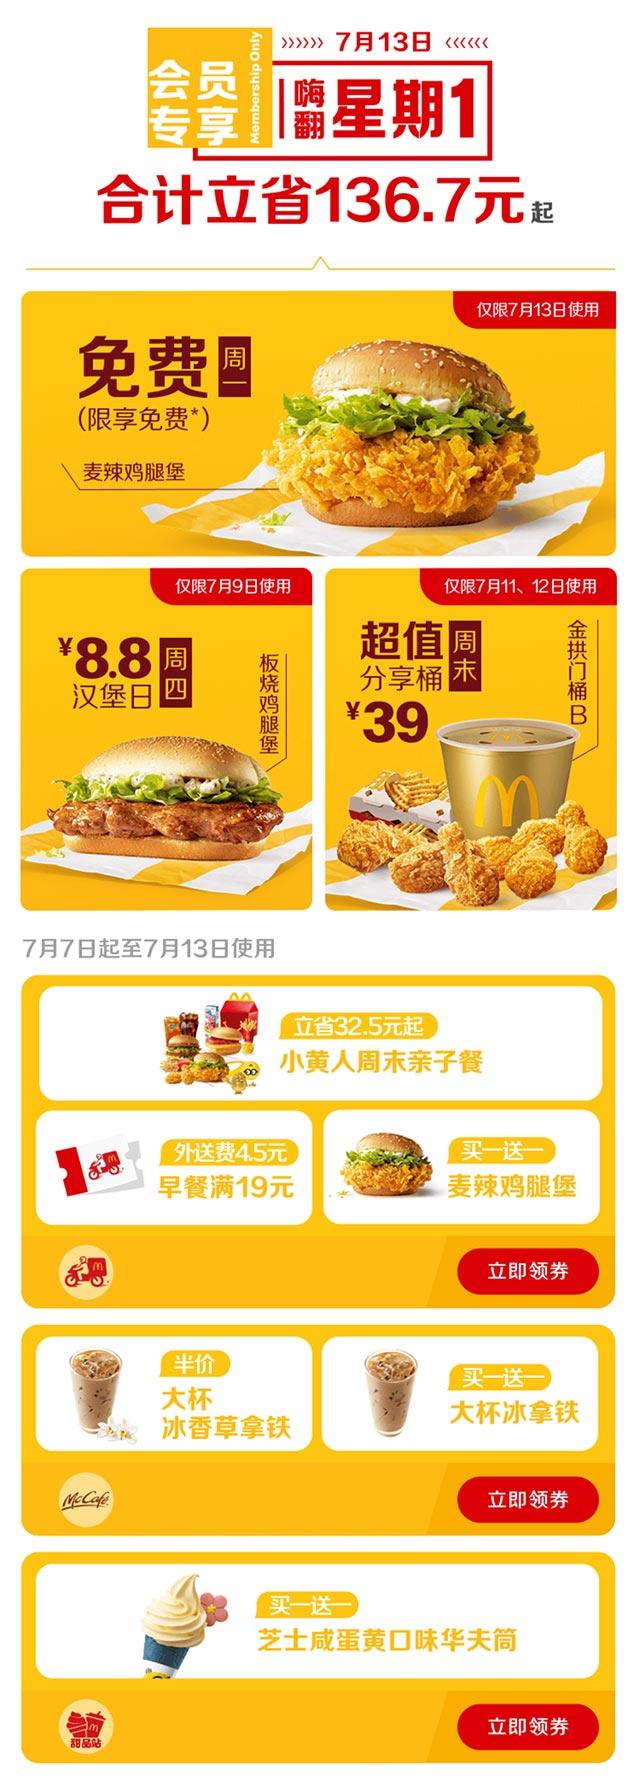 优惠券图片:麦当劳周优惠券领取,买一送一,半价购,免外送费 有效期2020年05月12日-2020年12月31日